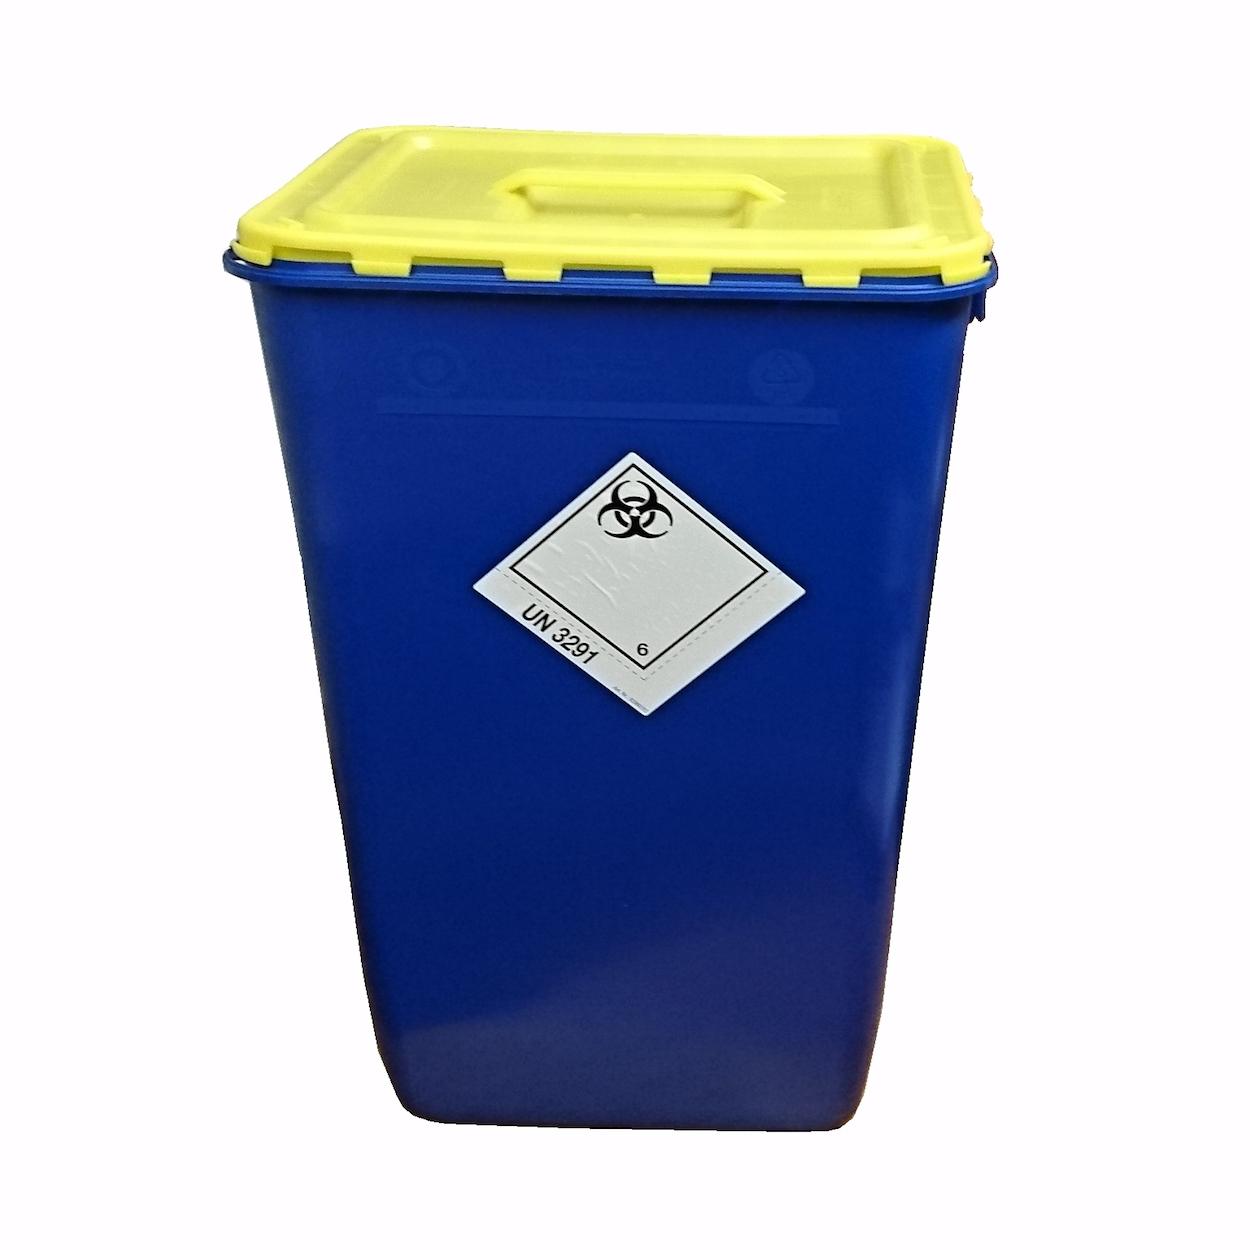 Nádoba na biologický odpad s víkem s úchopem, 60 l